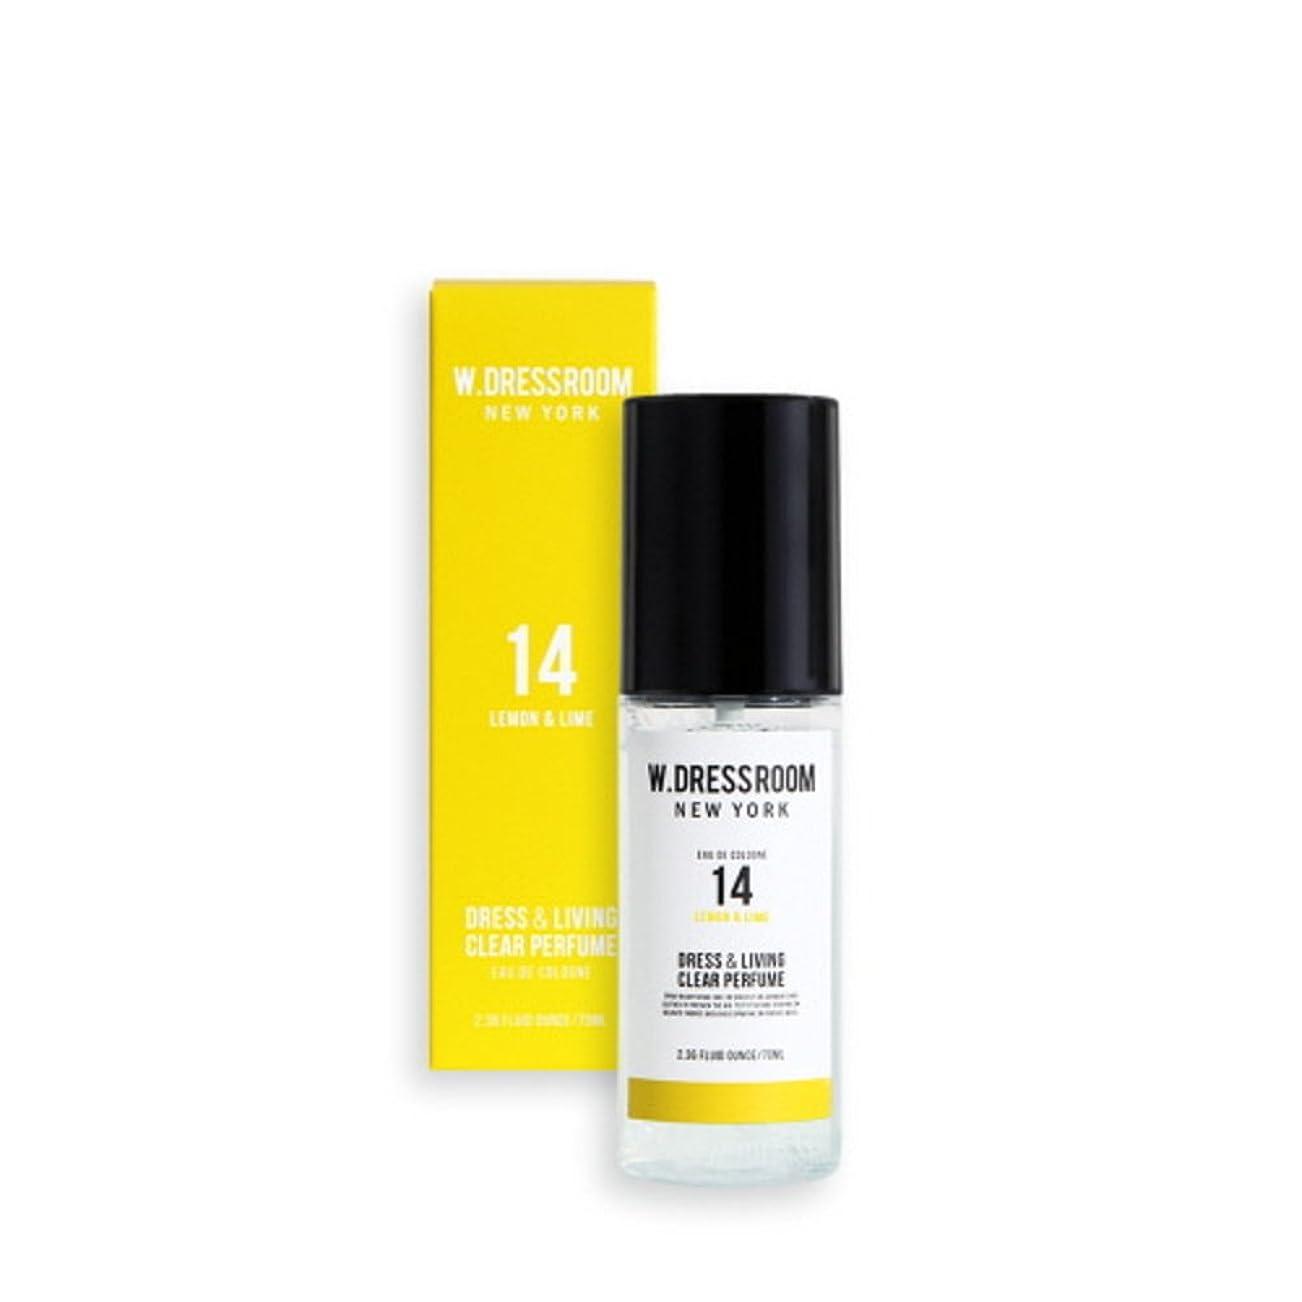 ラブハンディ非難W.DRESSROOM Dress & Living Clear Perfume fragrance 70ml (#No.14 Lemon & Lime)/ダブルドレスルーム ドレス&リビング クリア パフューム 70ml (#No.14 Lemon & Lime)